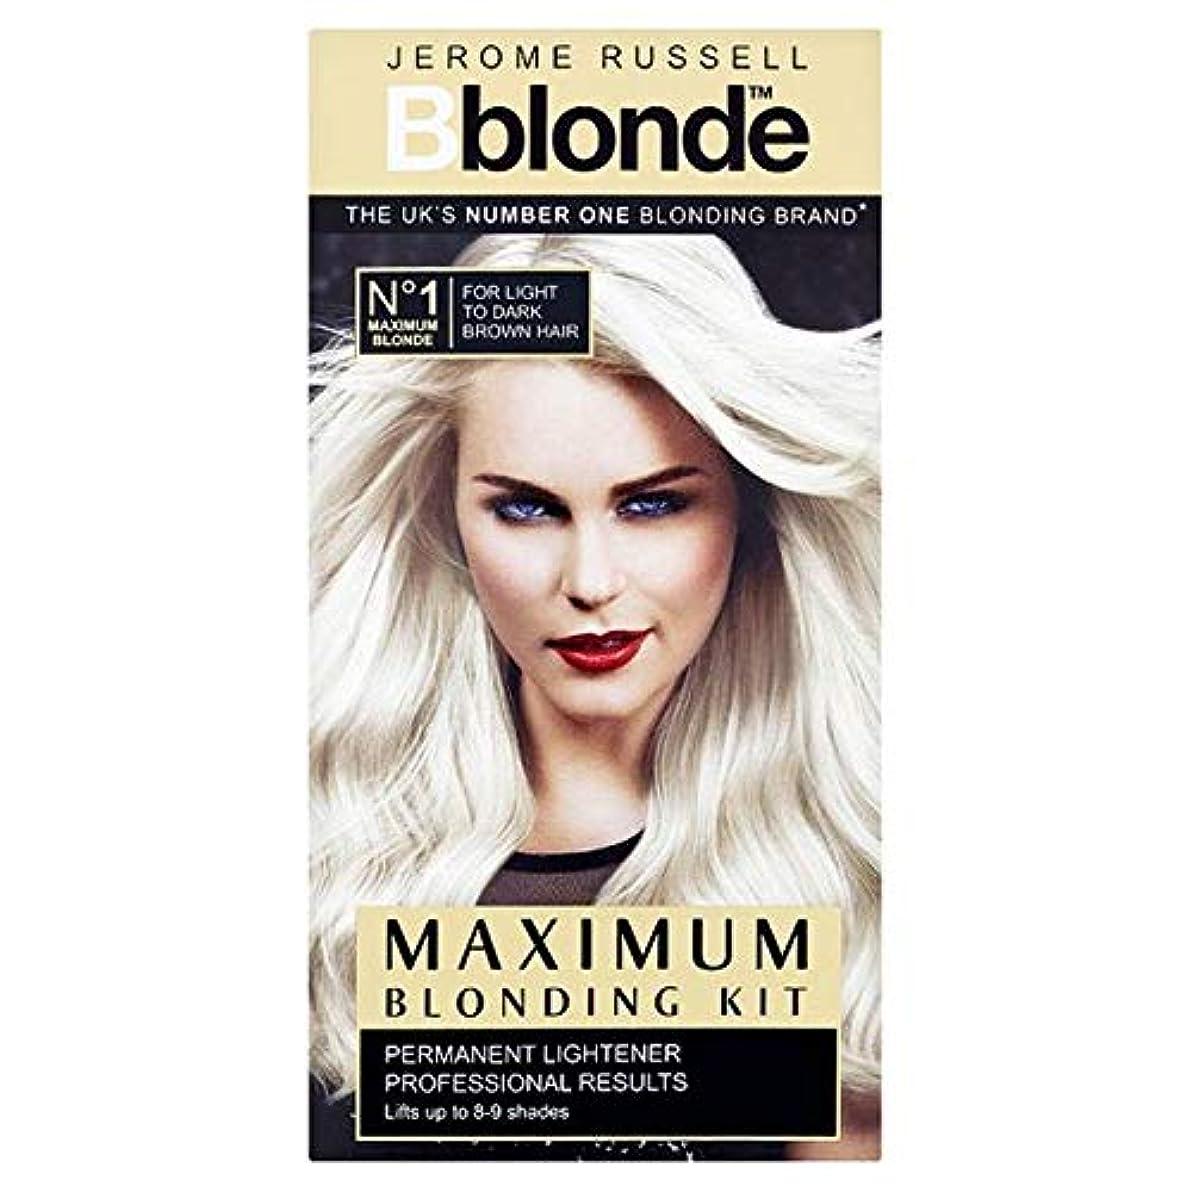 予言するメガロポリス貢献する[Jerome Russell] ジェロームラッセルB金髪最大Blondingキット - Jerome Russell B Blonde Maximum Blonding Kit [並行輸入品]